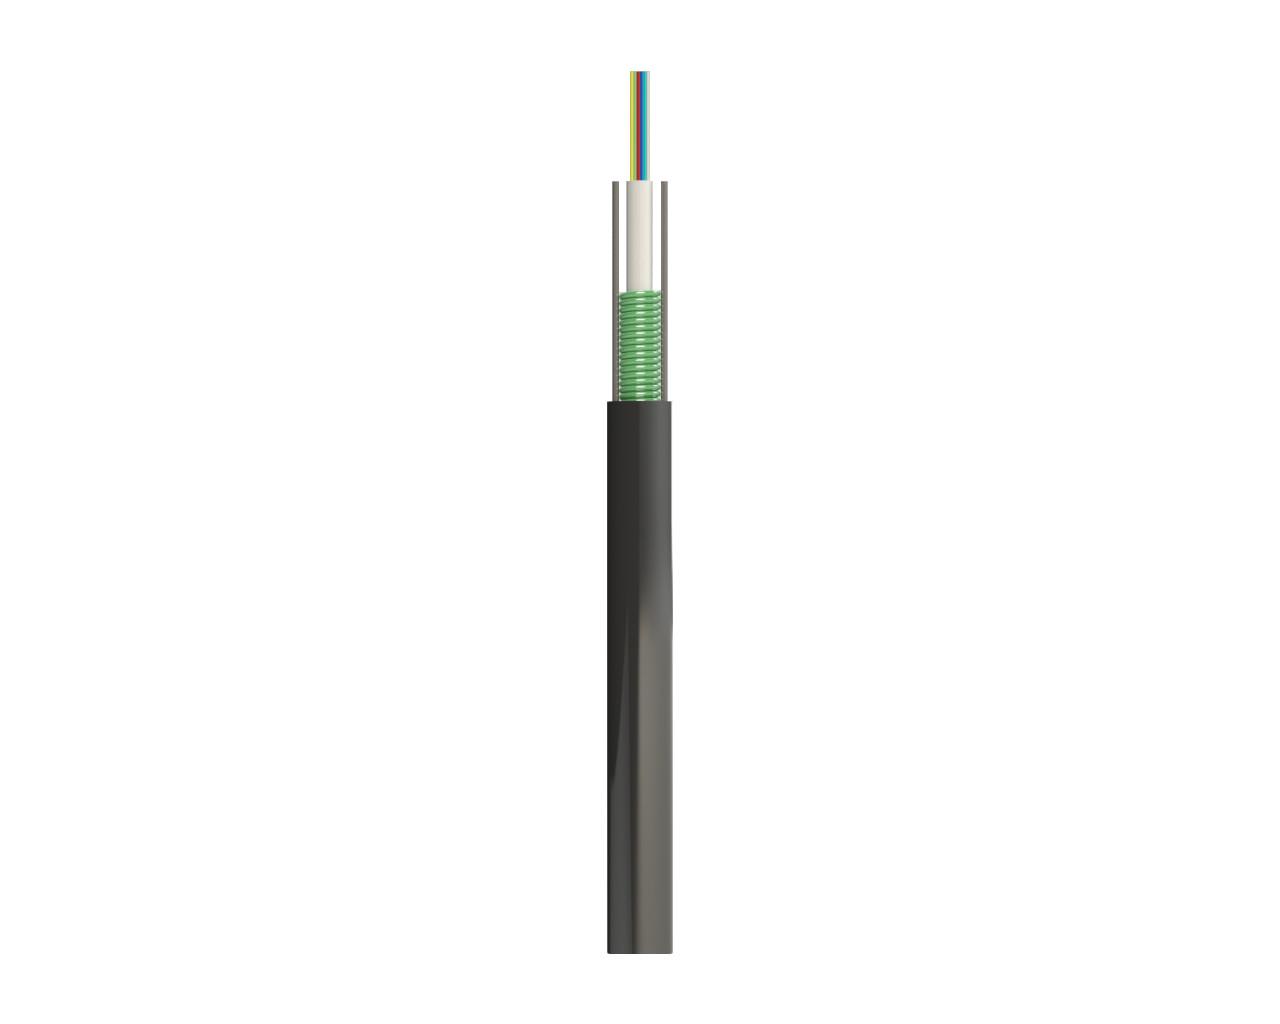 ОКТБг-М(1,5)П-8*8Е1-0,40Ф3,5/0,30Н19-64 брон каб с центр-расп трубкой для прокл в каб кан и грунтах всех кат